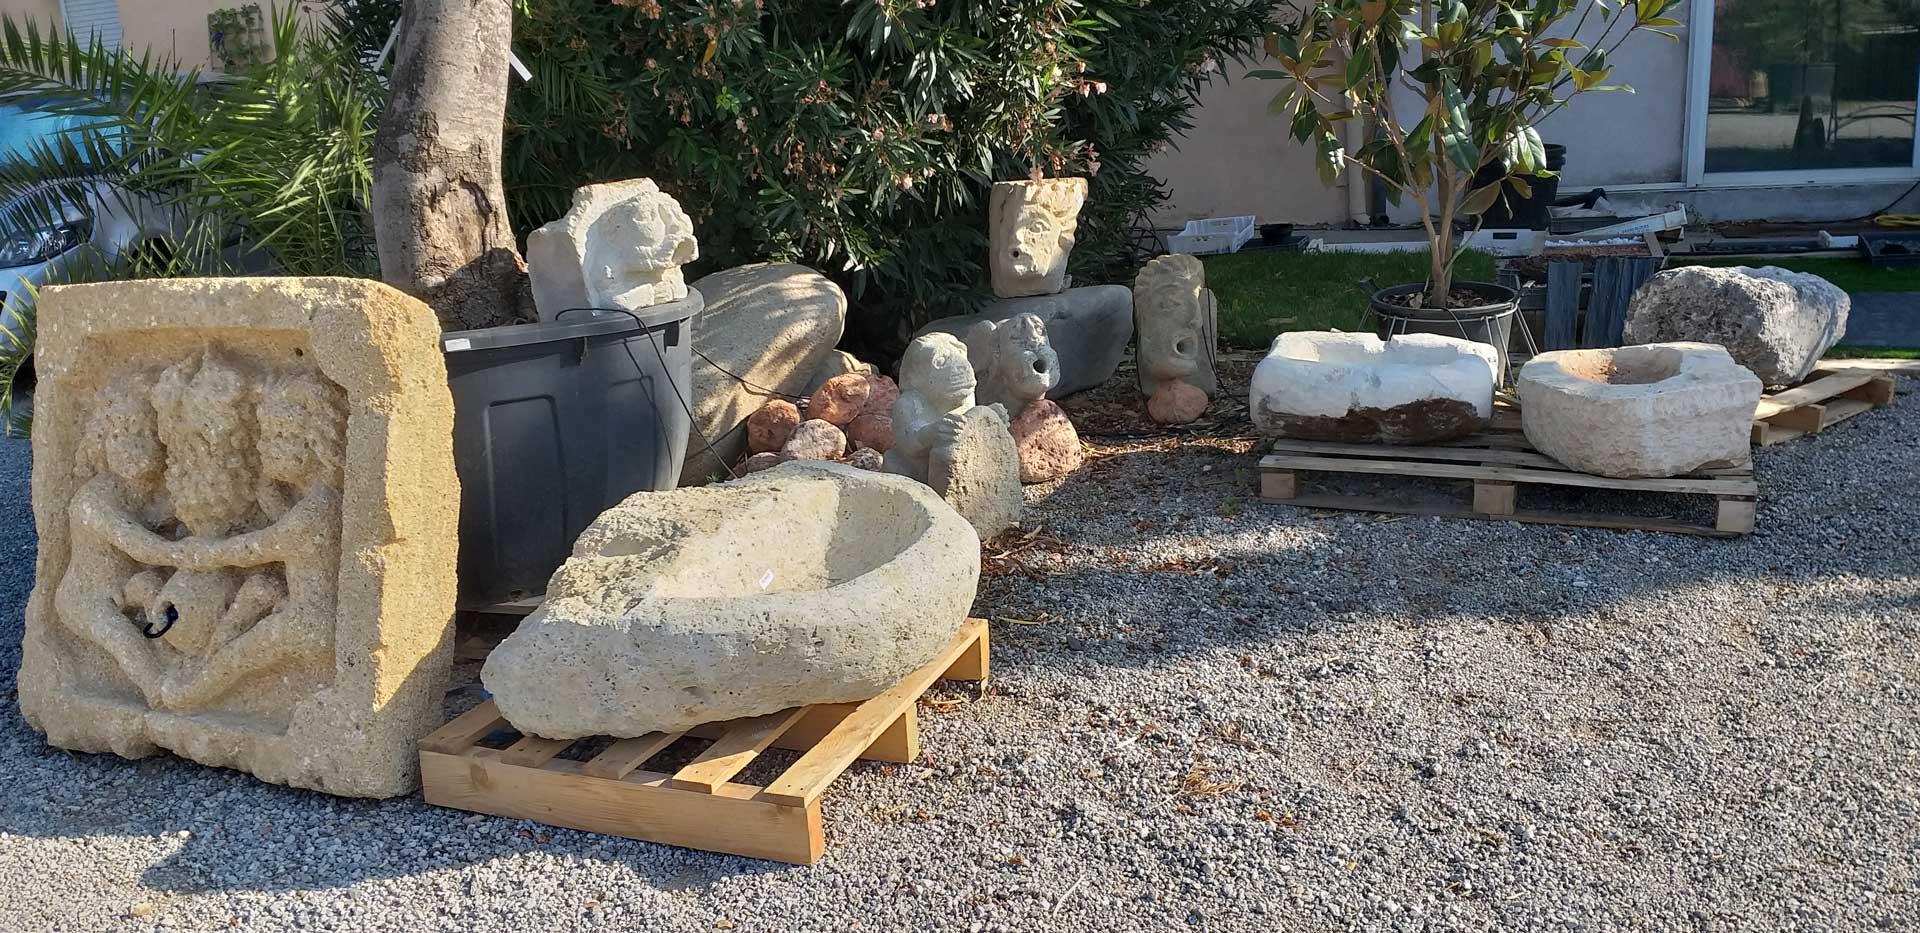 pepiniere-arcadie---decoration-pour-jardin-exterieur-en-pierre